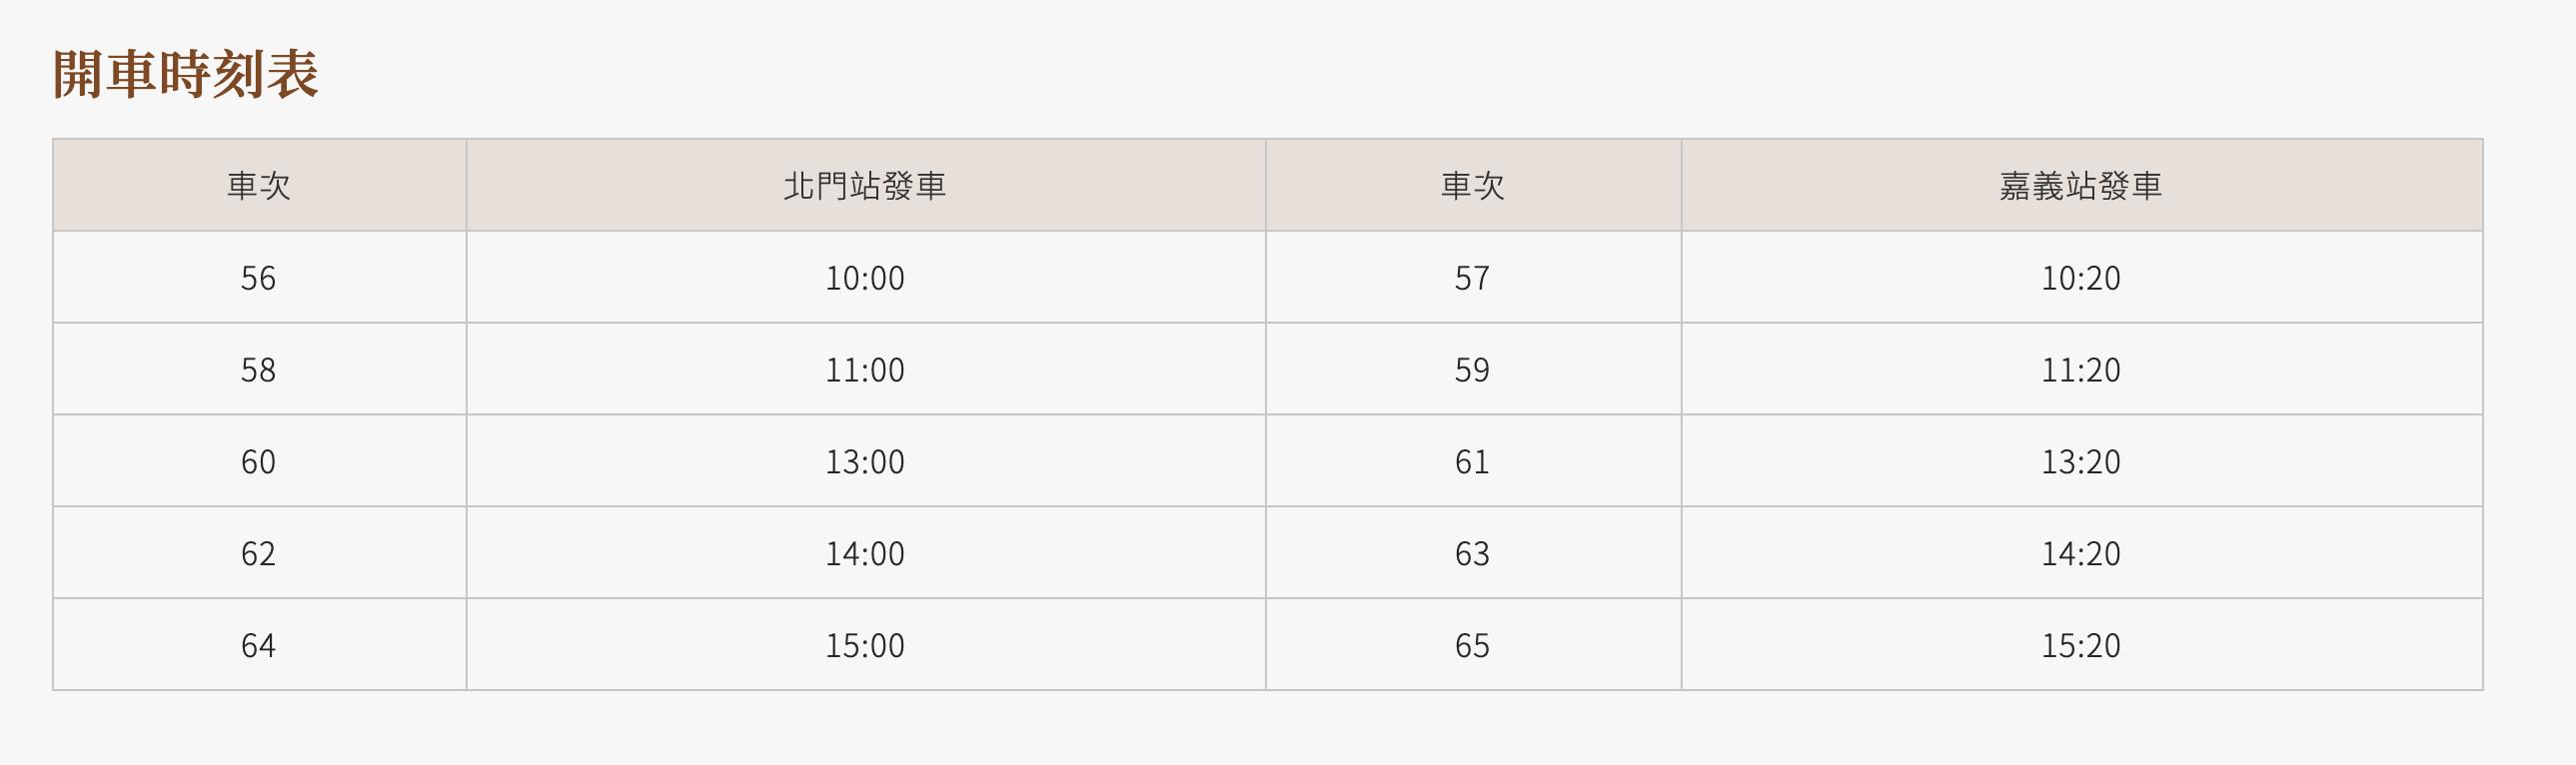 台灣特色觀光小火車|檜來嘉驛 – 檜木列車,每週六日行駛,嘉義檜意森活村附近的附加景點~